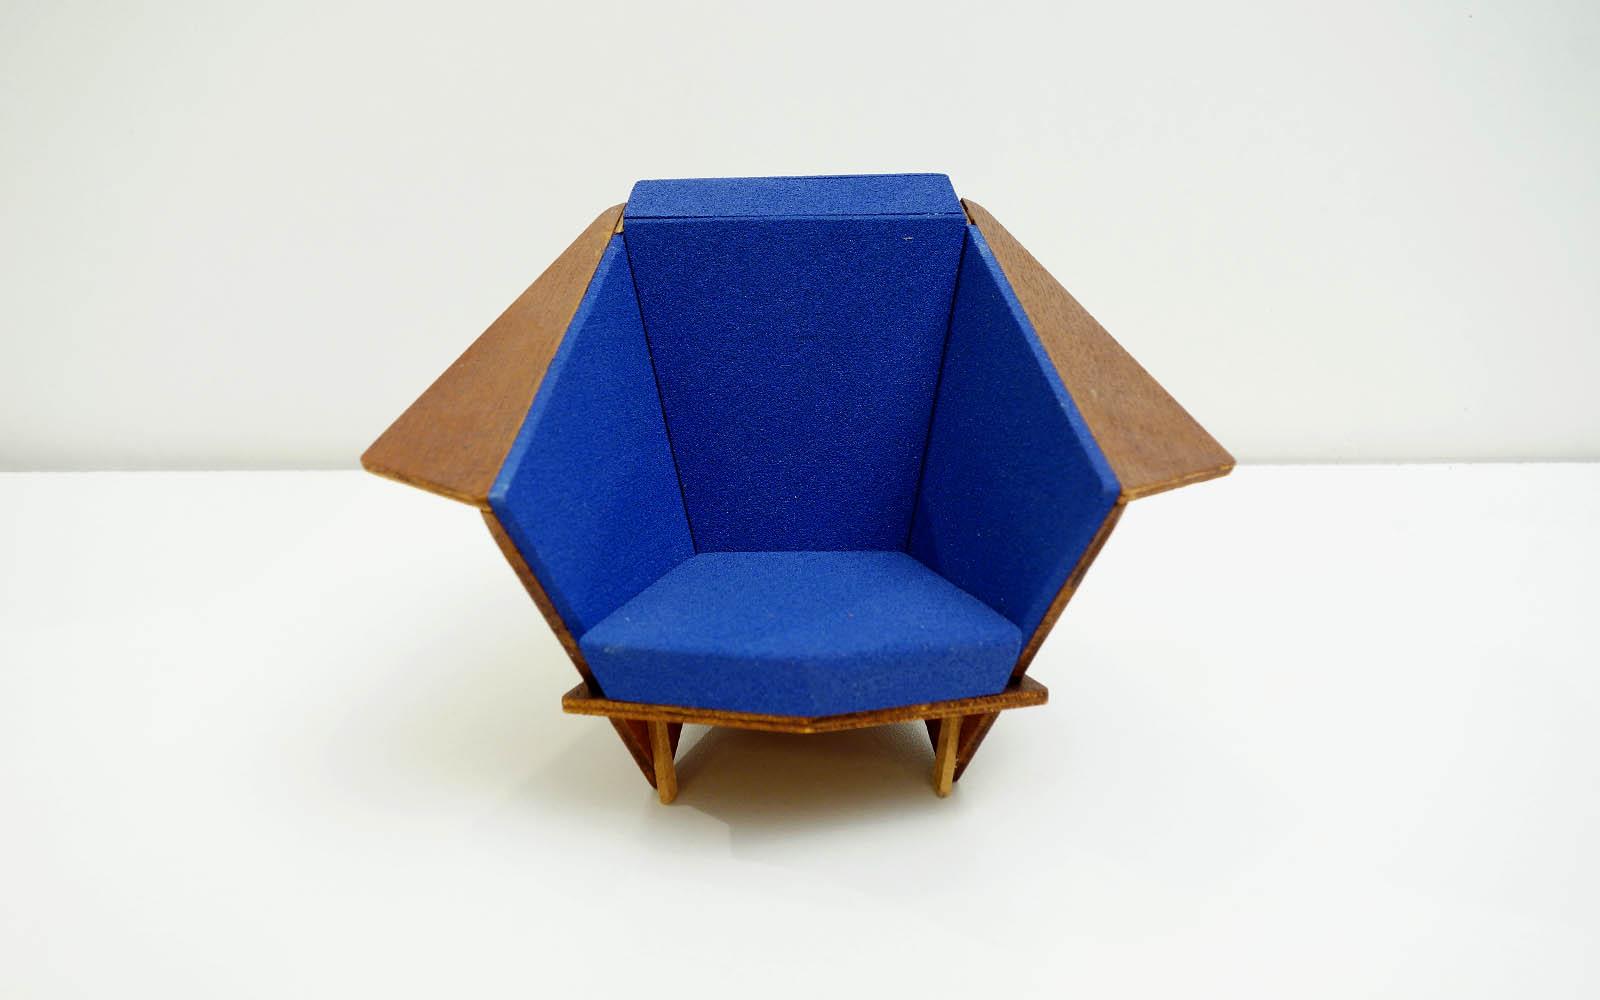 project - mini origami showcase 3